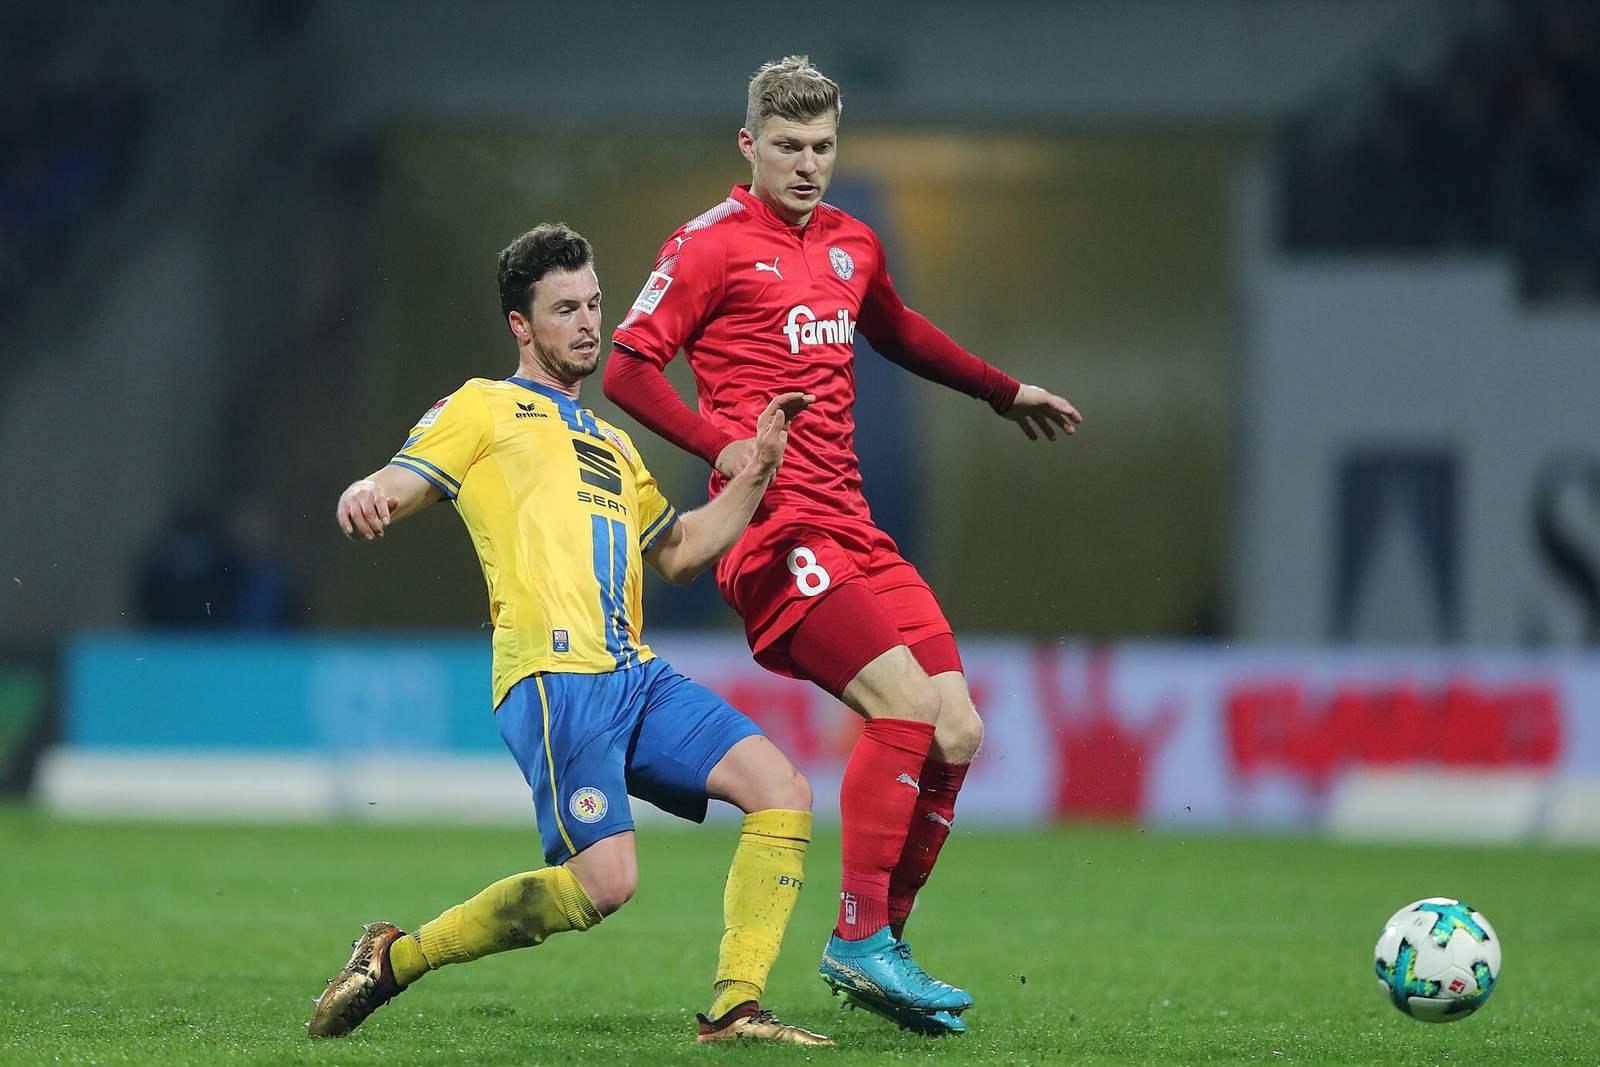 Alexander Mühling im Duell mit Quirin Moll. Jetzt auf Kiel gegen Braunschweig wetten.